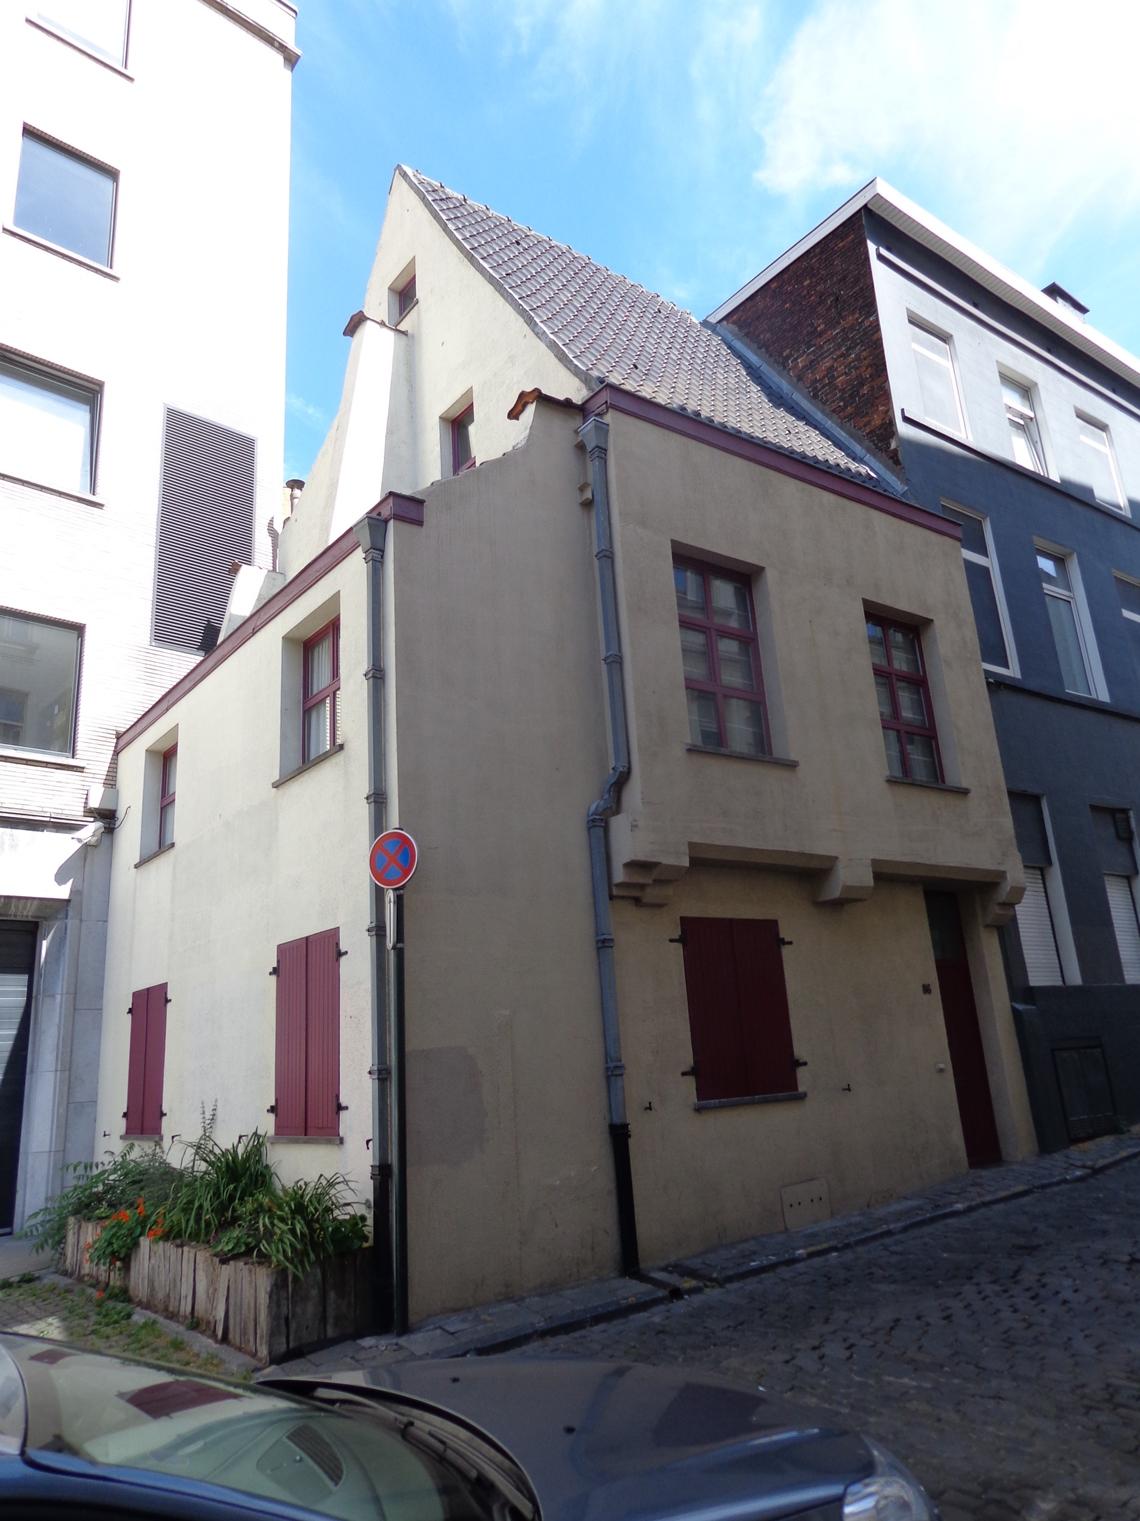 Sint-Gisleinsstraat 86, 2015